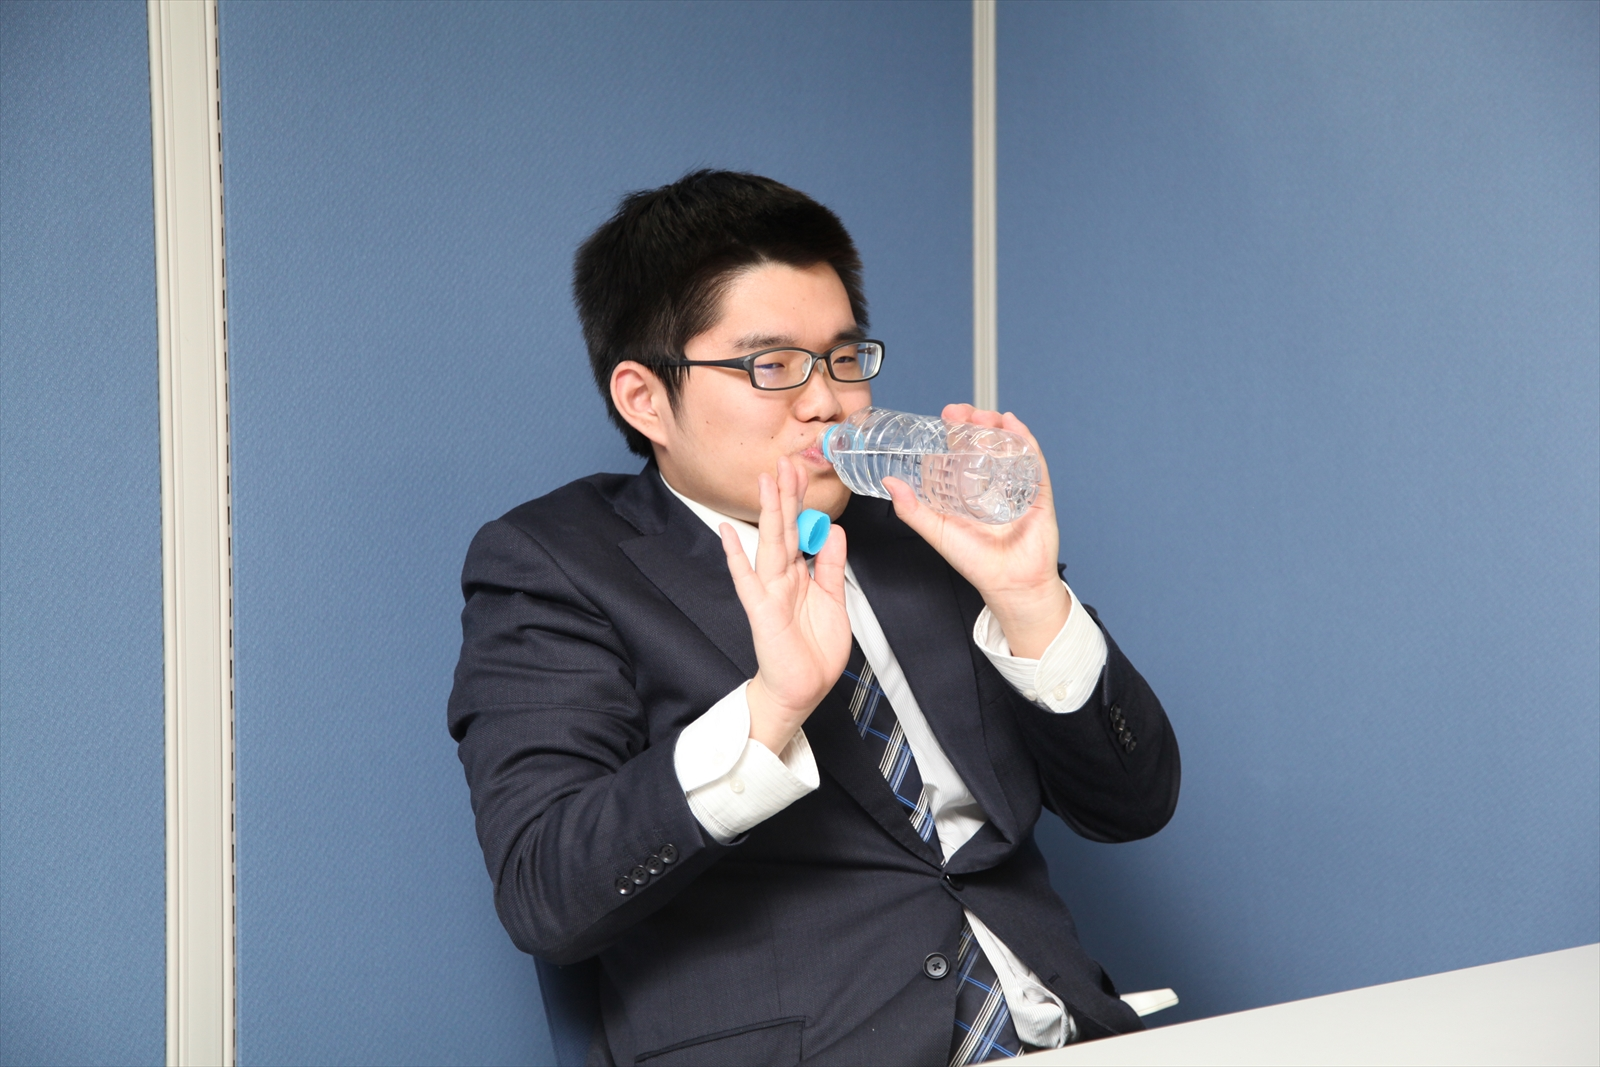 面接中に水をがぶ飲みする就活生